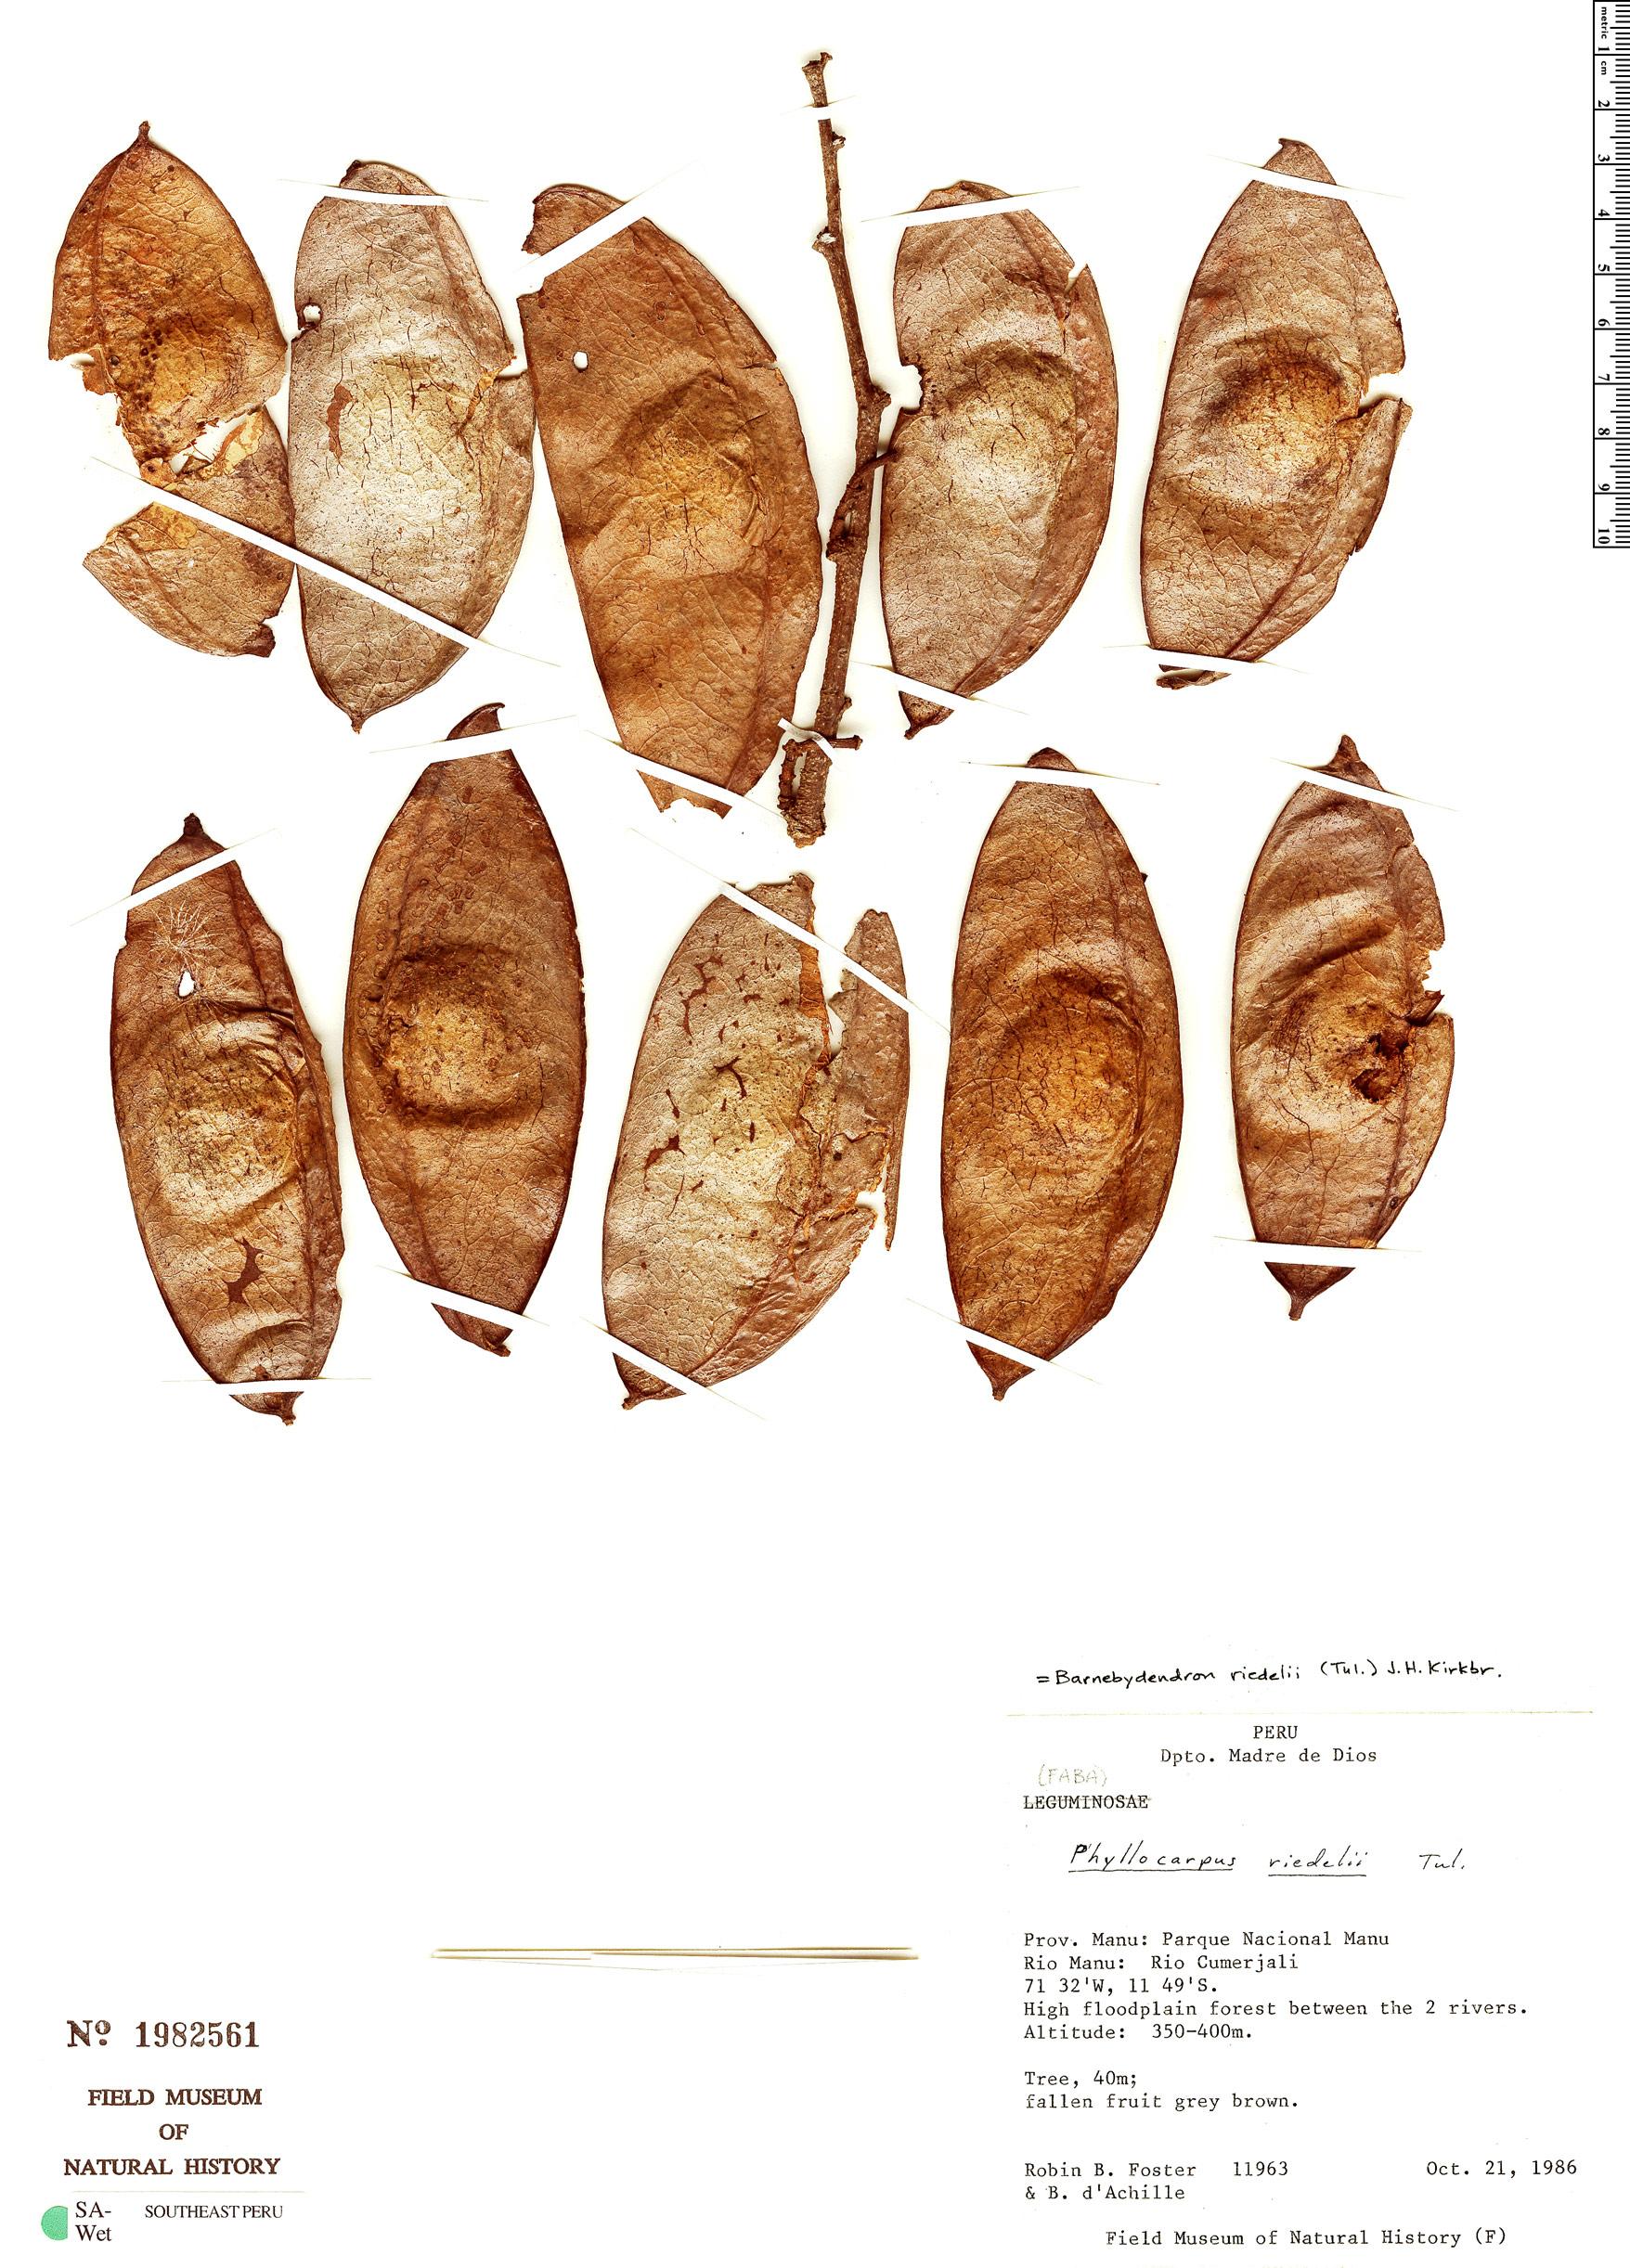 Specimen: Barnebydendron riedelii